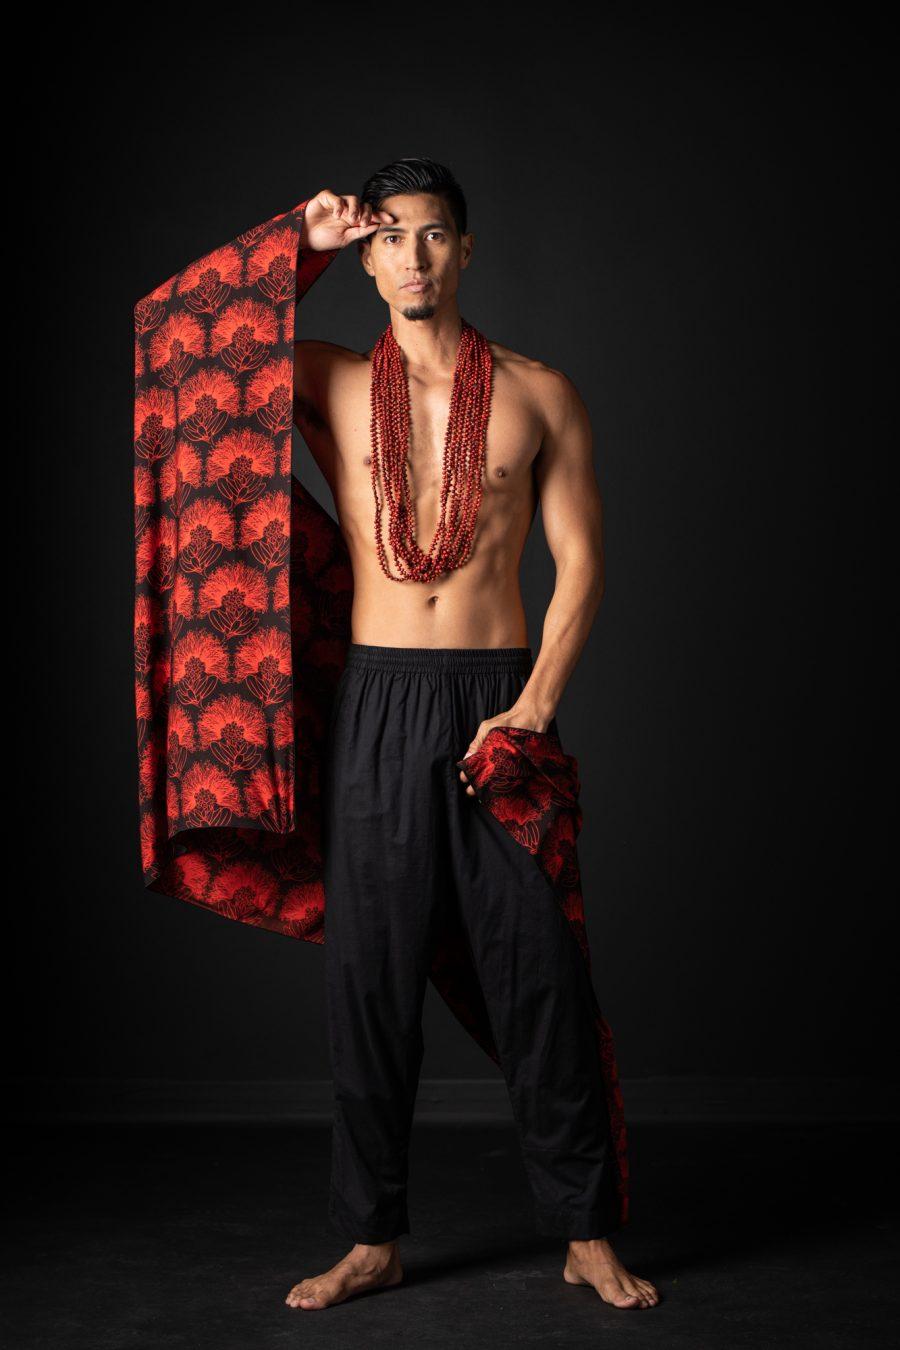 Model wearing Pareo shawl in Firey Red Black Kalihilehua Pattern